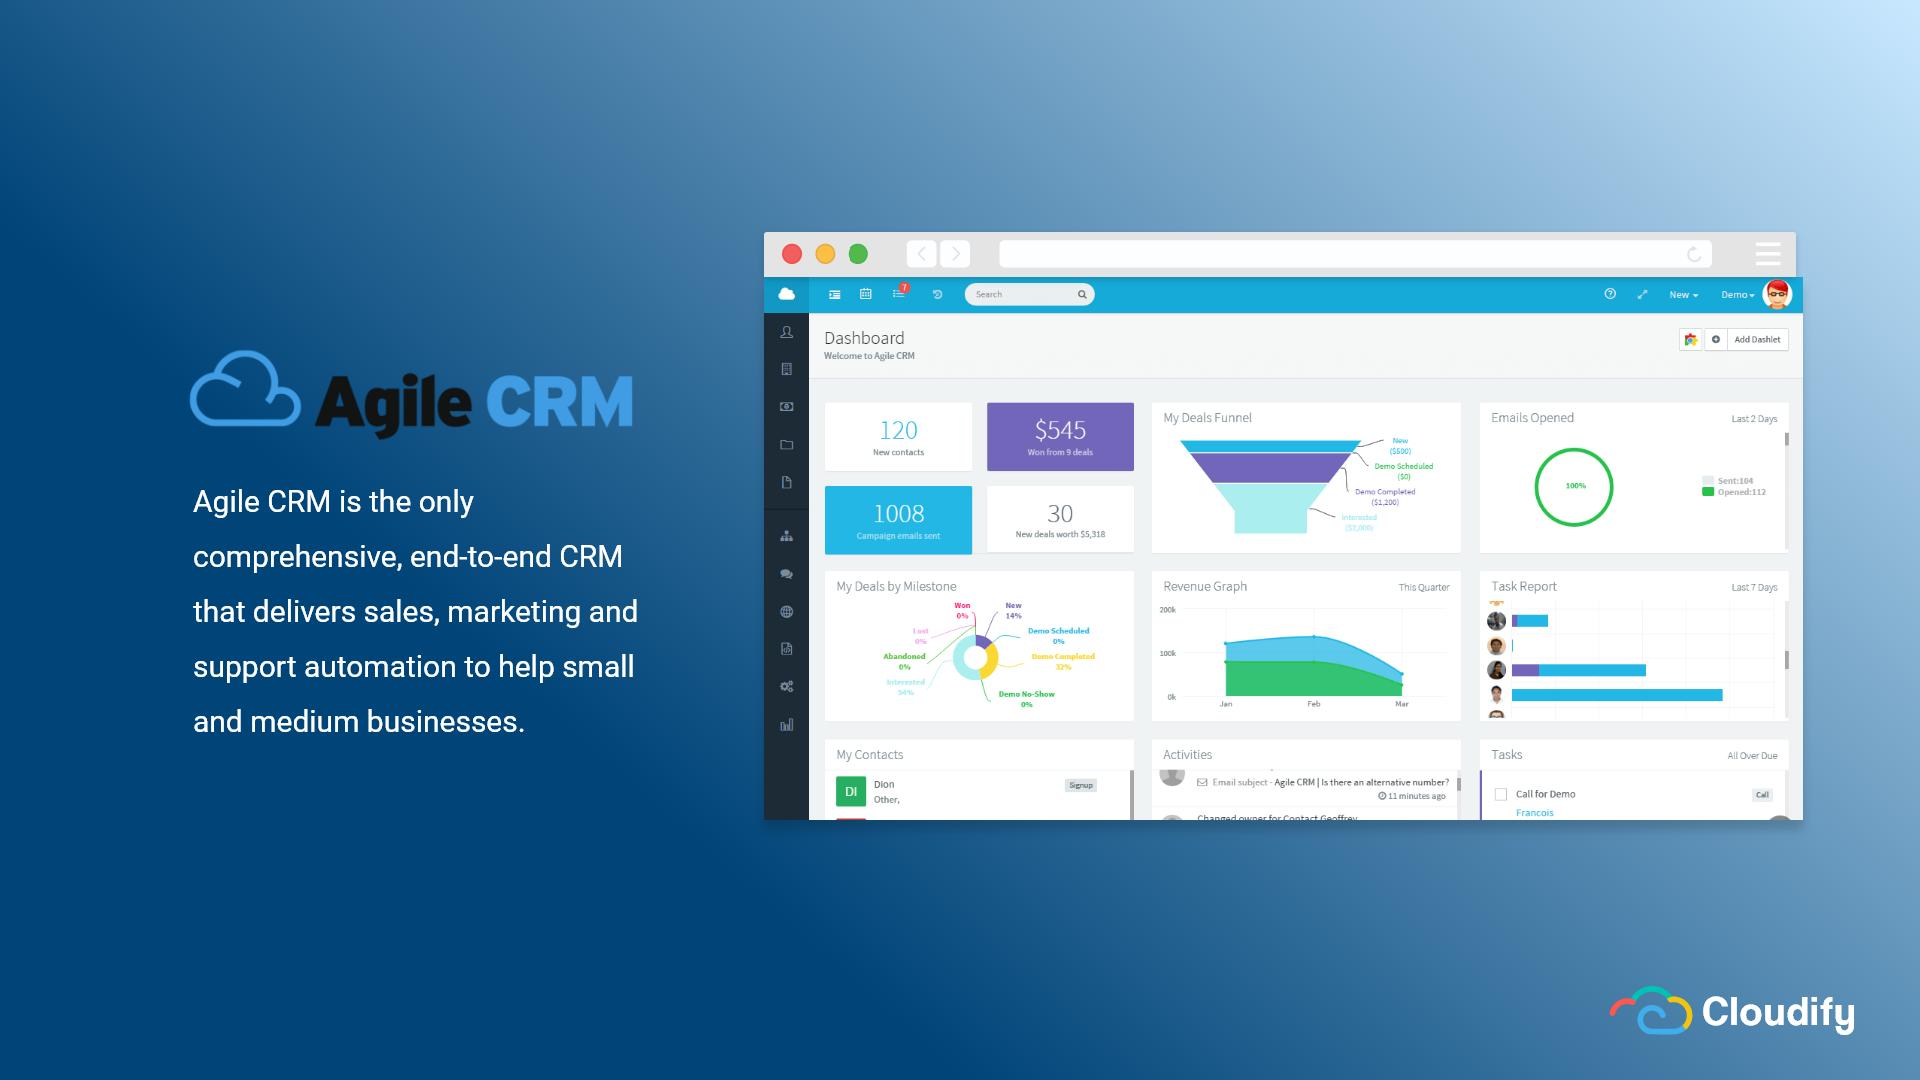 Top CRMs Agile CRM